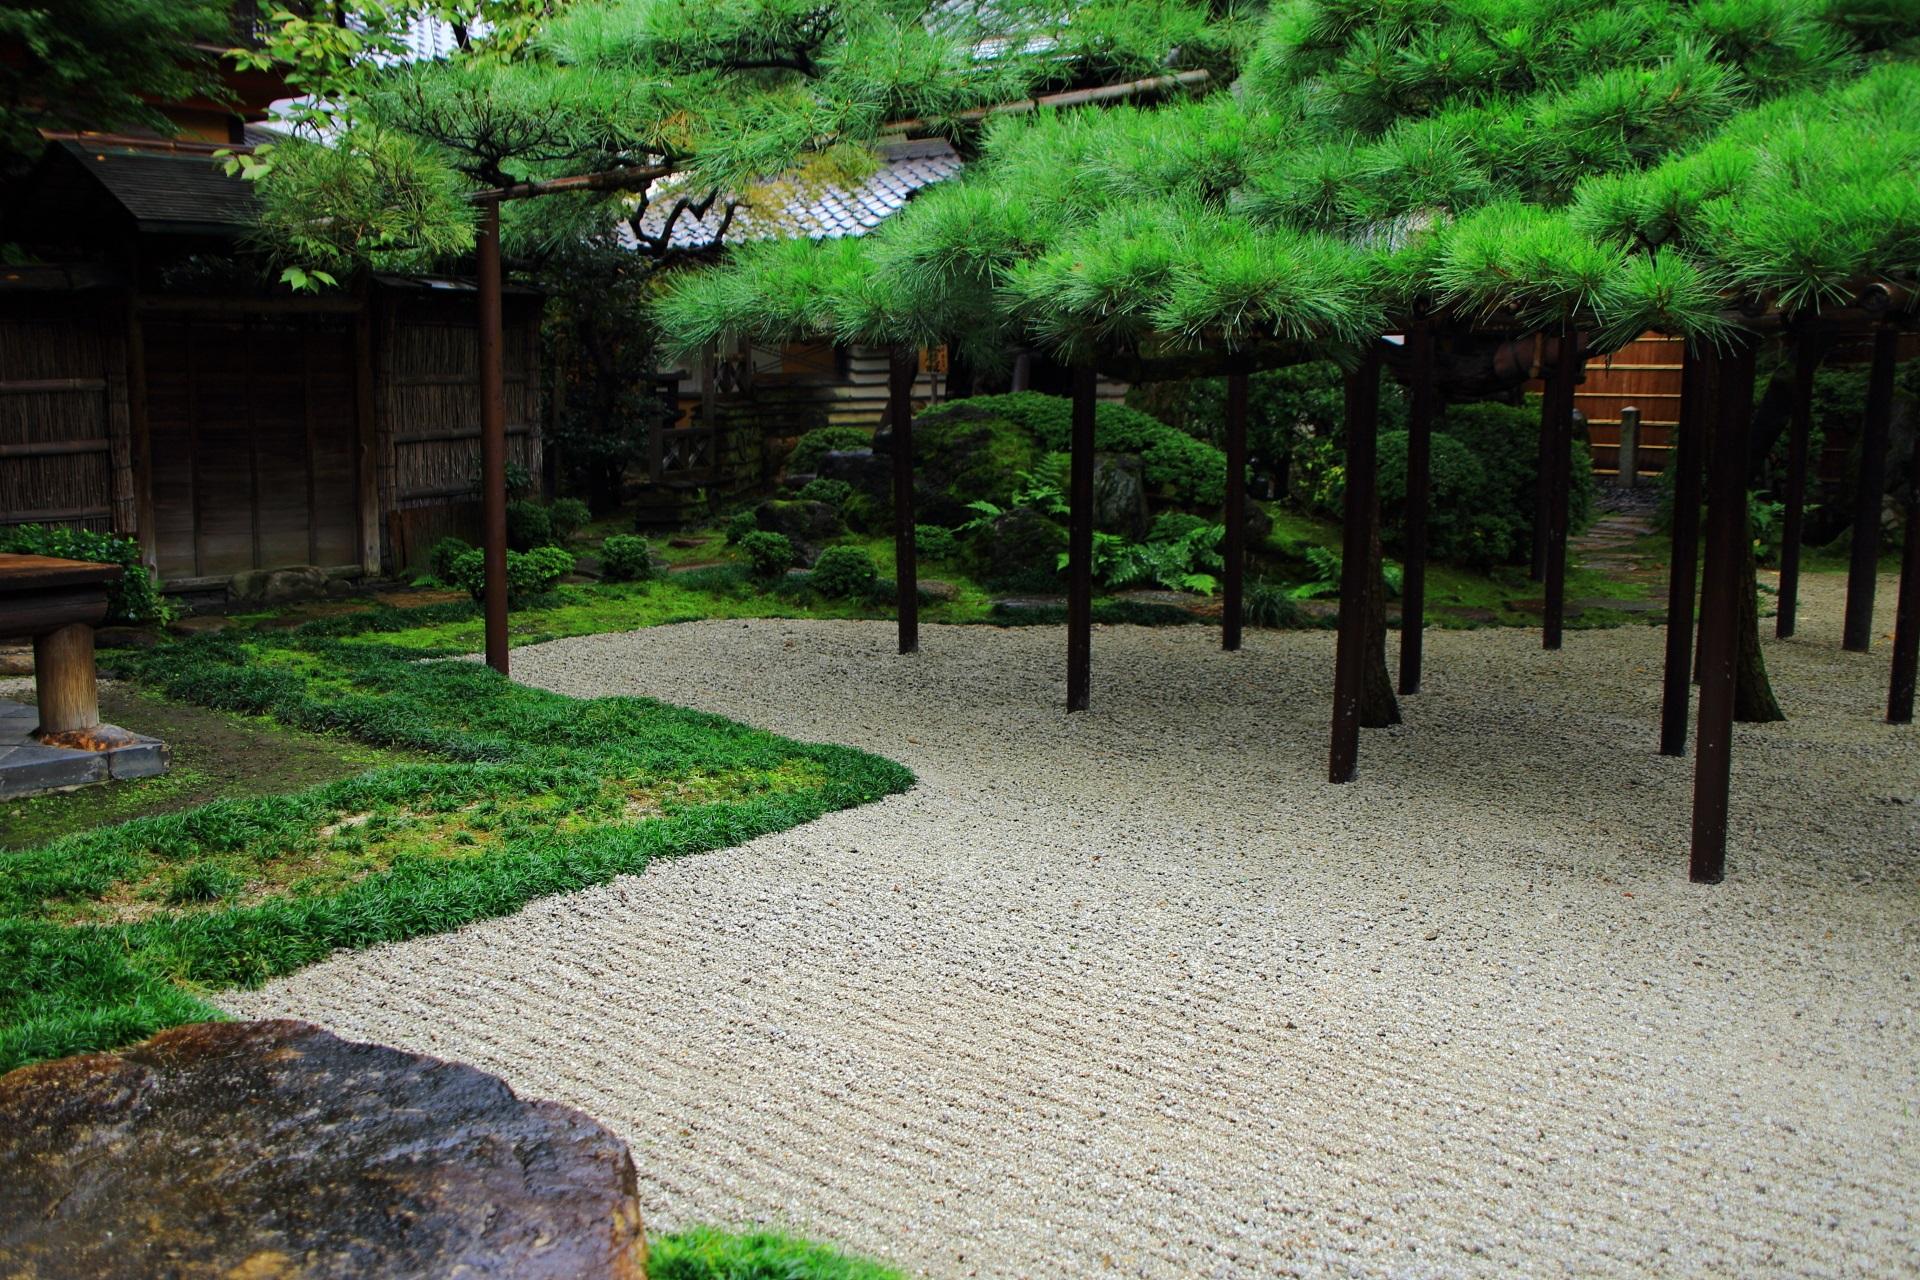 白砂と緑のコントラストが綺麗な臥龍松の庭